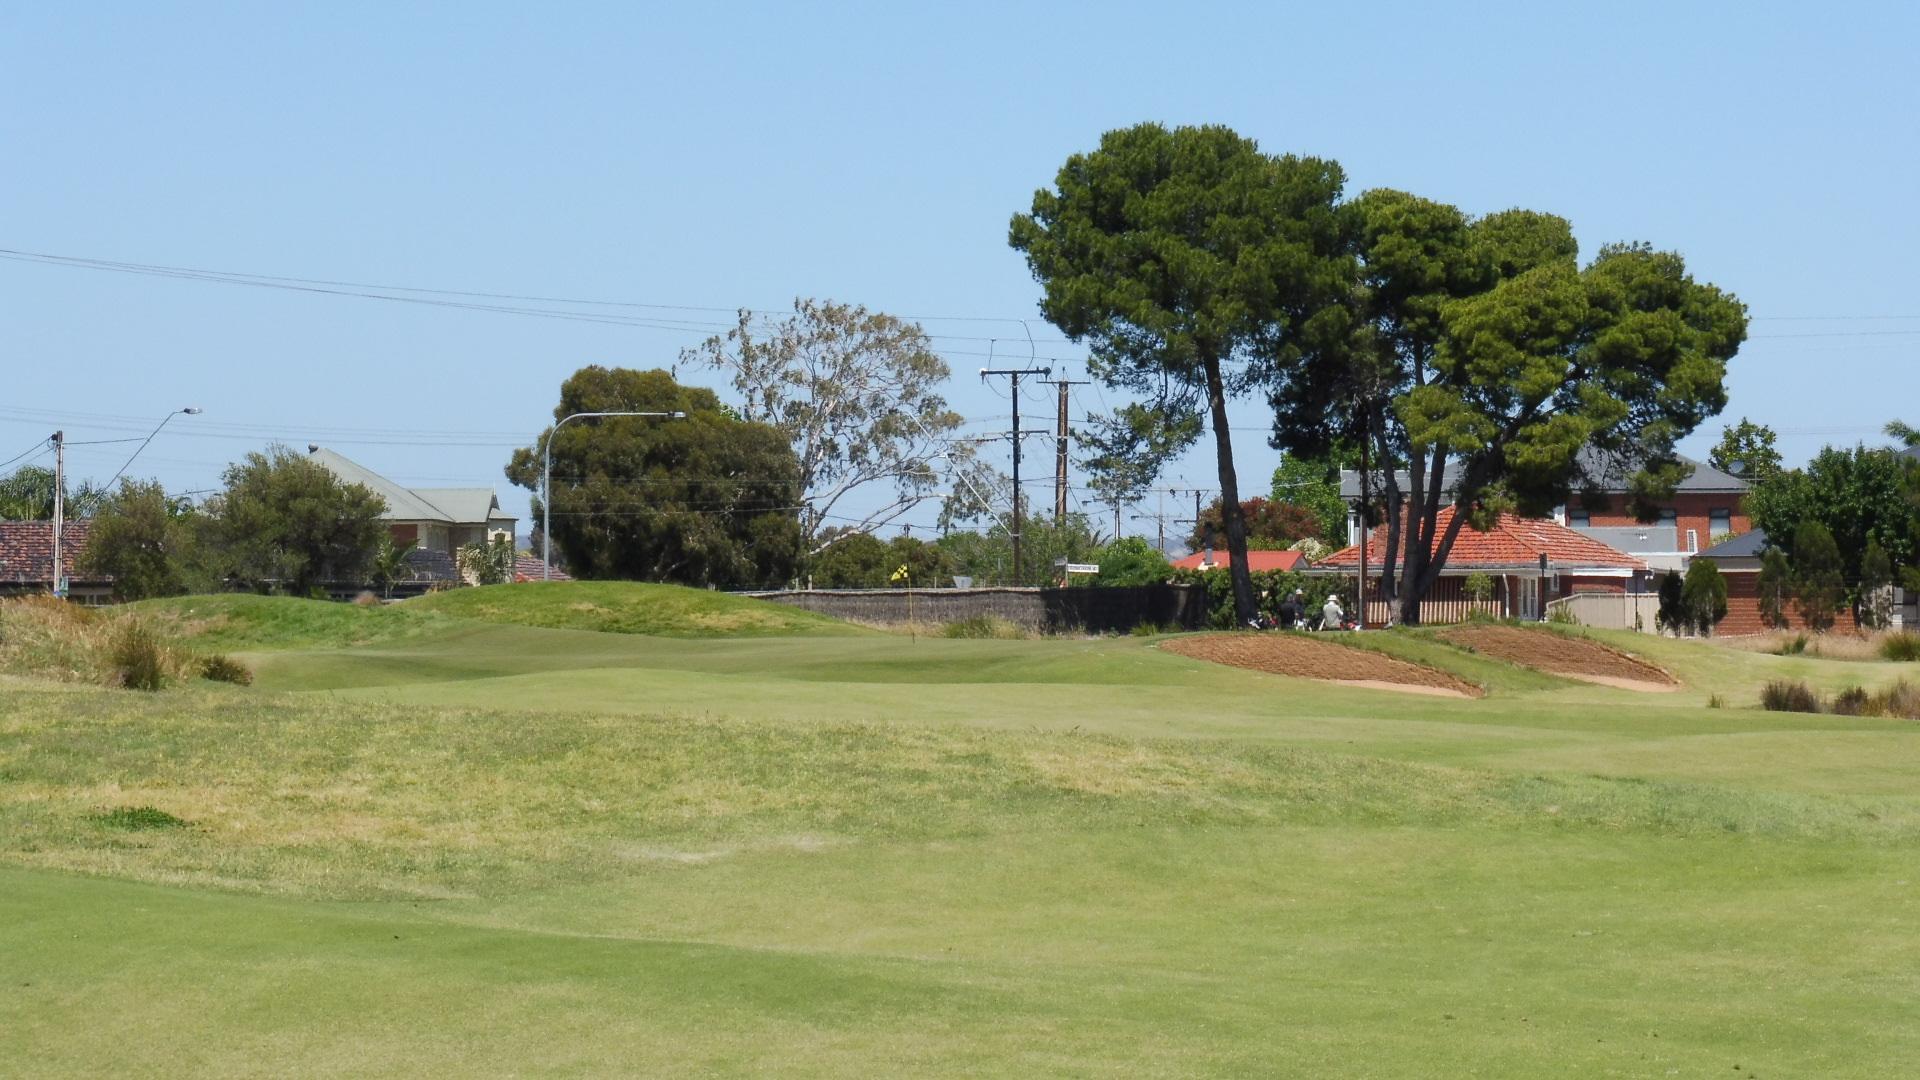 glenelg golf club 1st fairway aussie golf quest. Black Bedroom Furniture Sets. Home Design Ideas